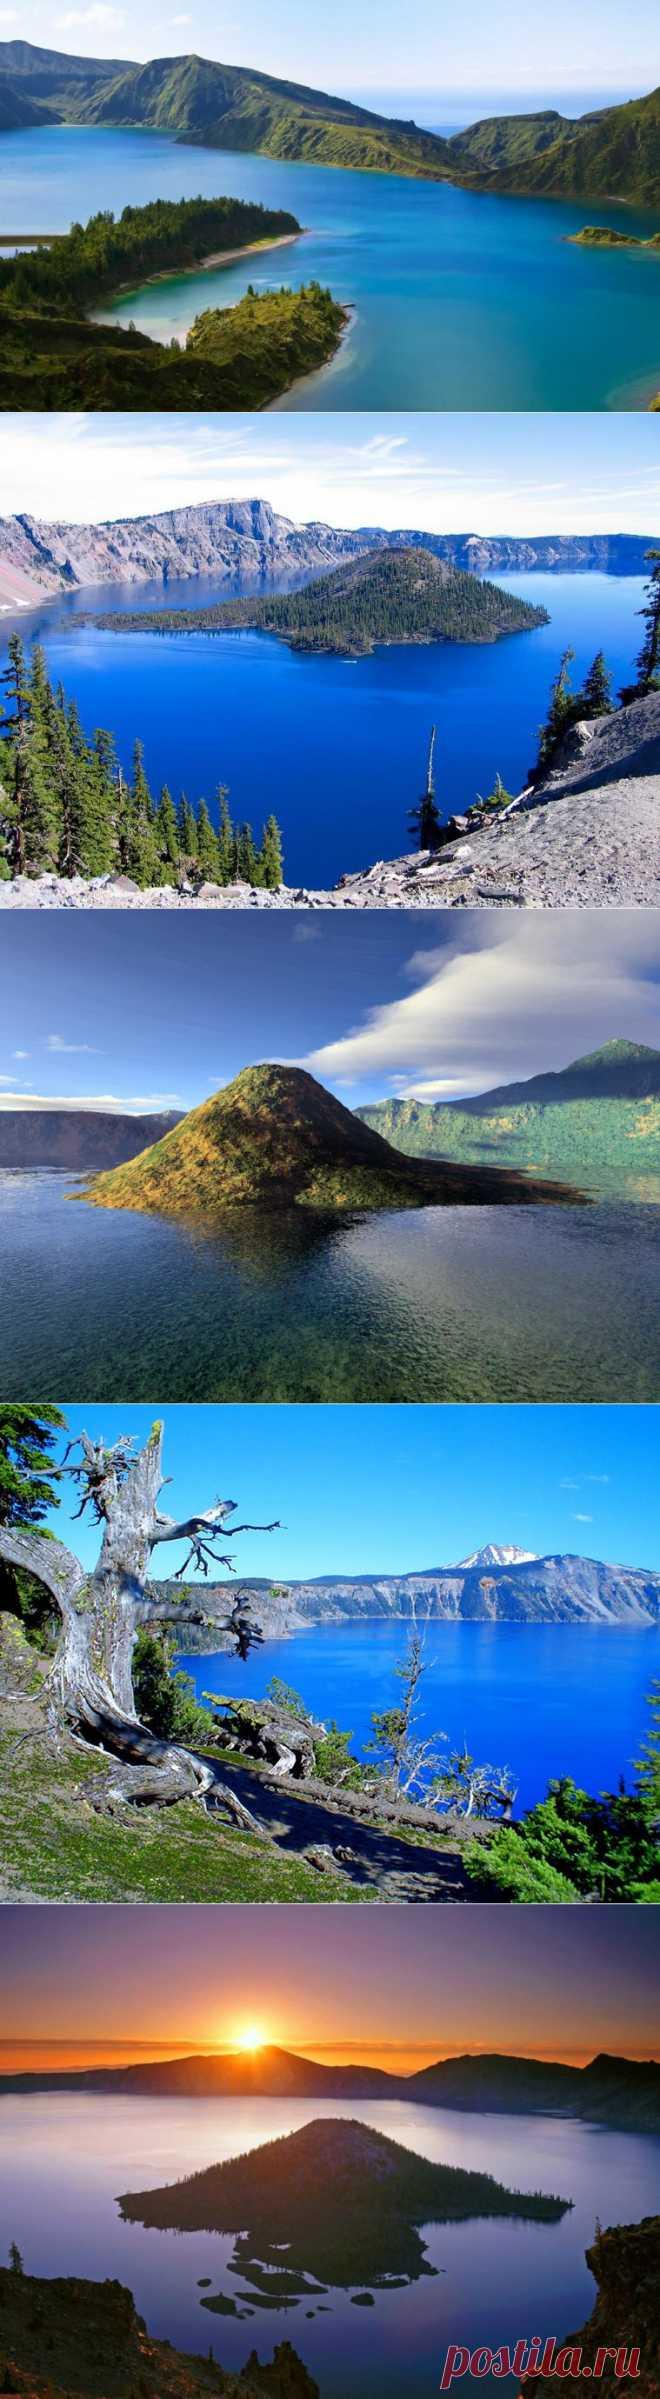 (+1) тема - Красоты озера Крейтер   Непутевые заметки